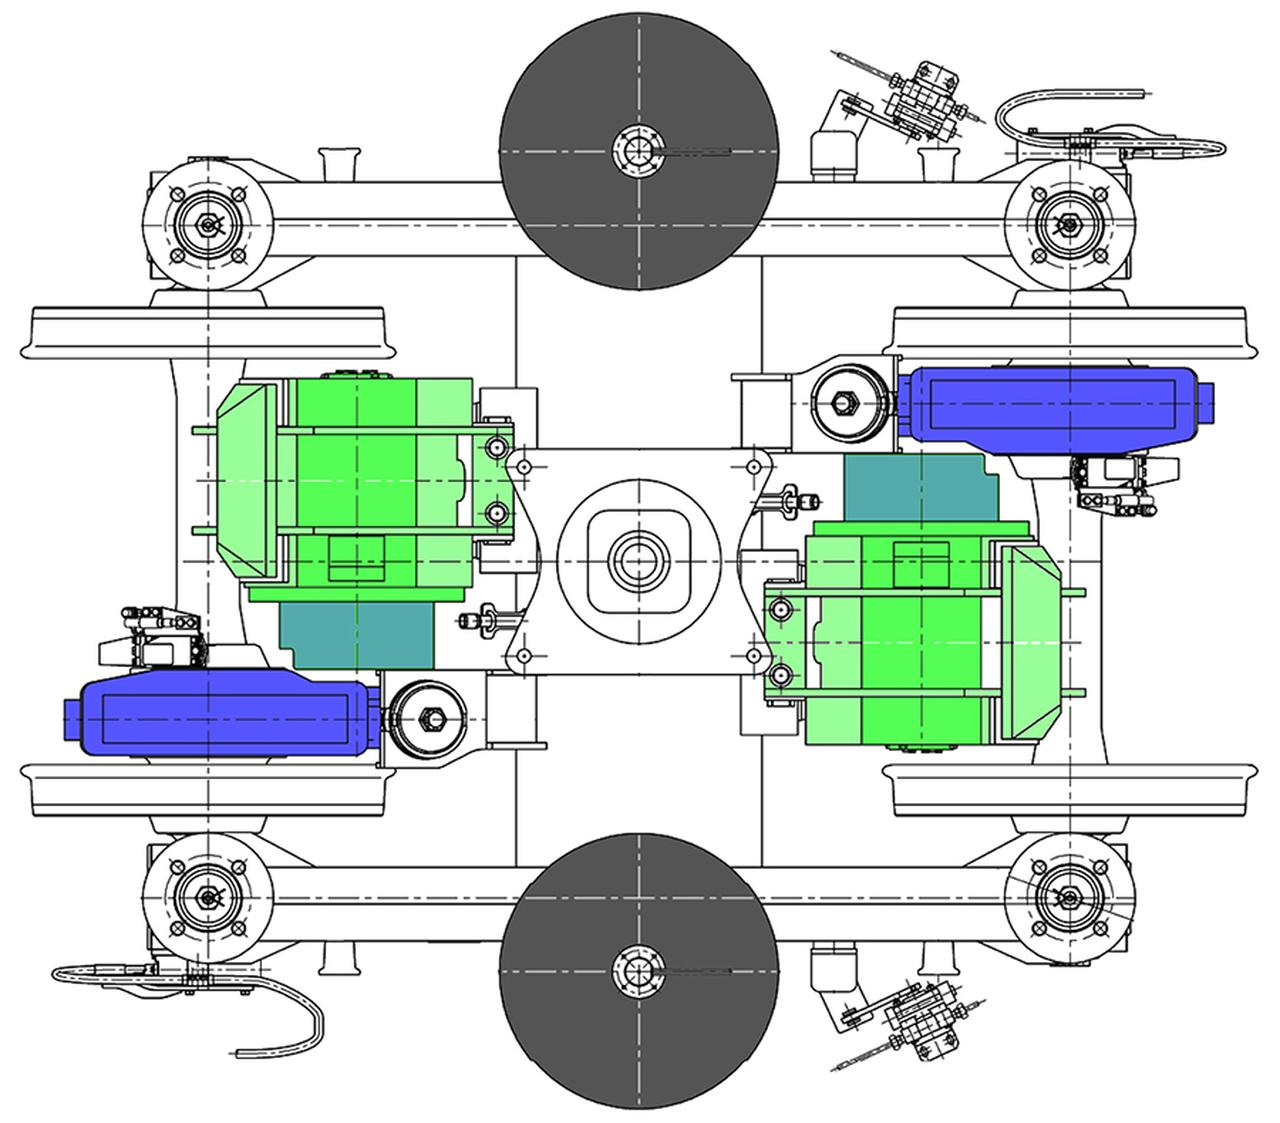 画像: 動力台車の平面図。緑の電動機が、青い部分のギアボックスにカーボン複合材の継手で接合される。狭軌は車輪の内側幅が990mmなので、電動機はかなり小さい。灰色の空気バネ上に直接車体が載る。